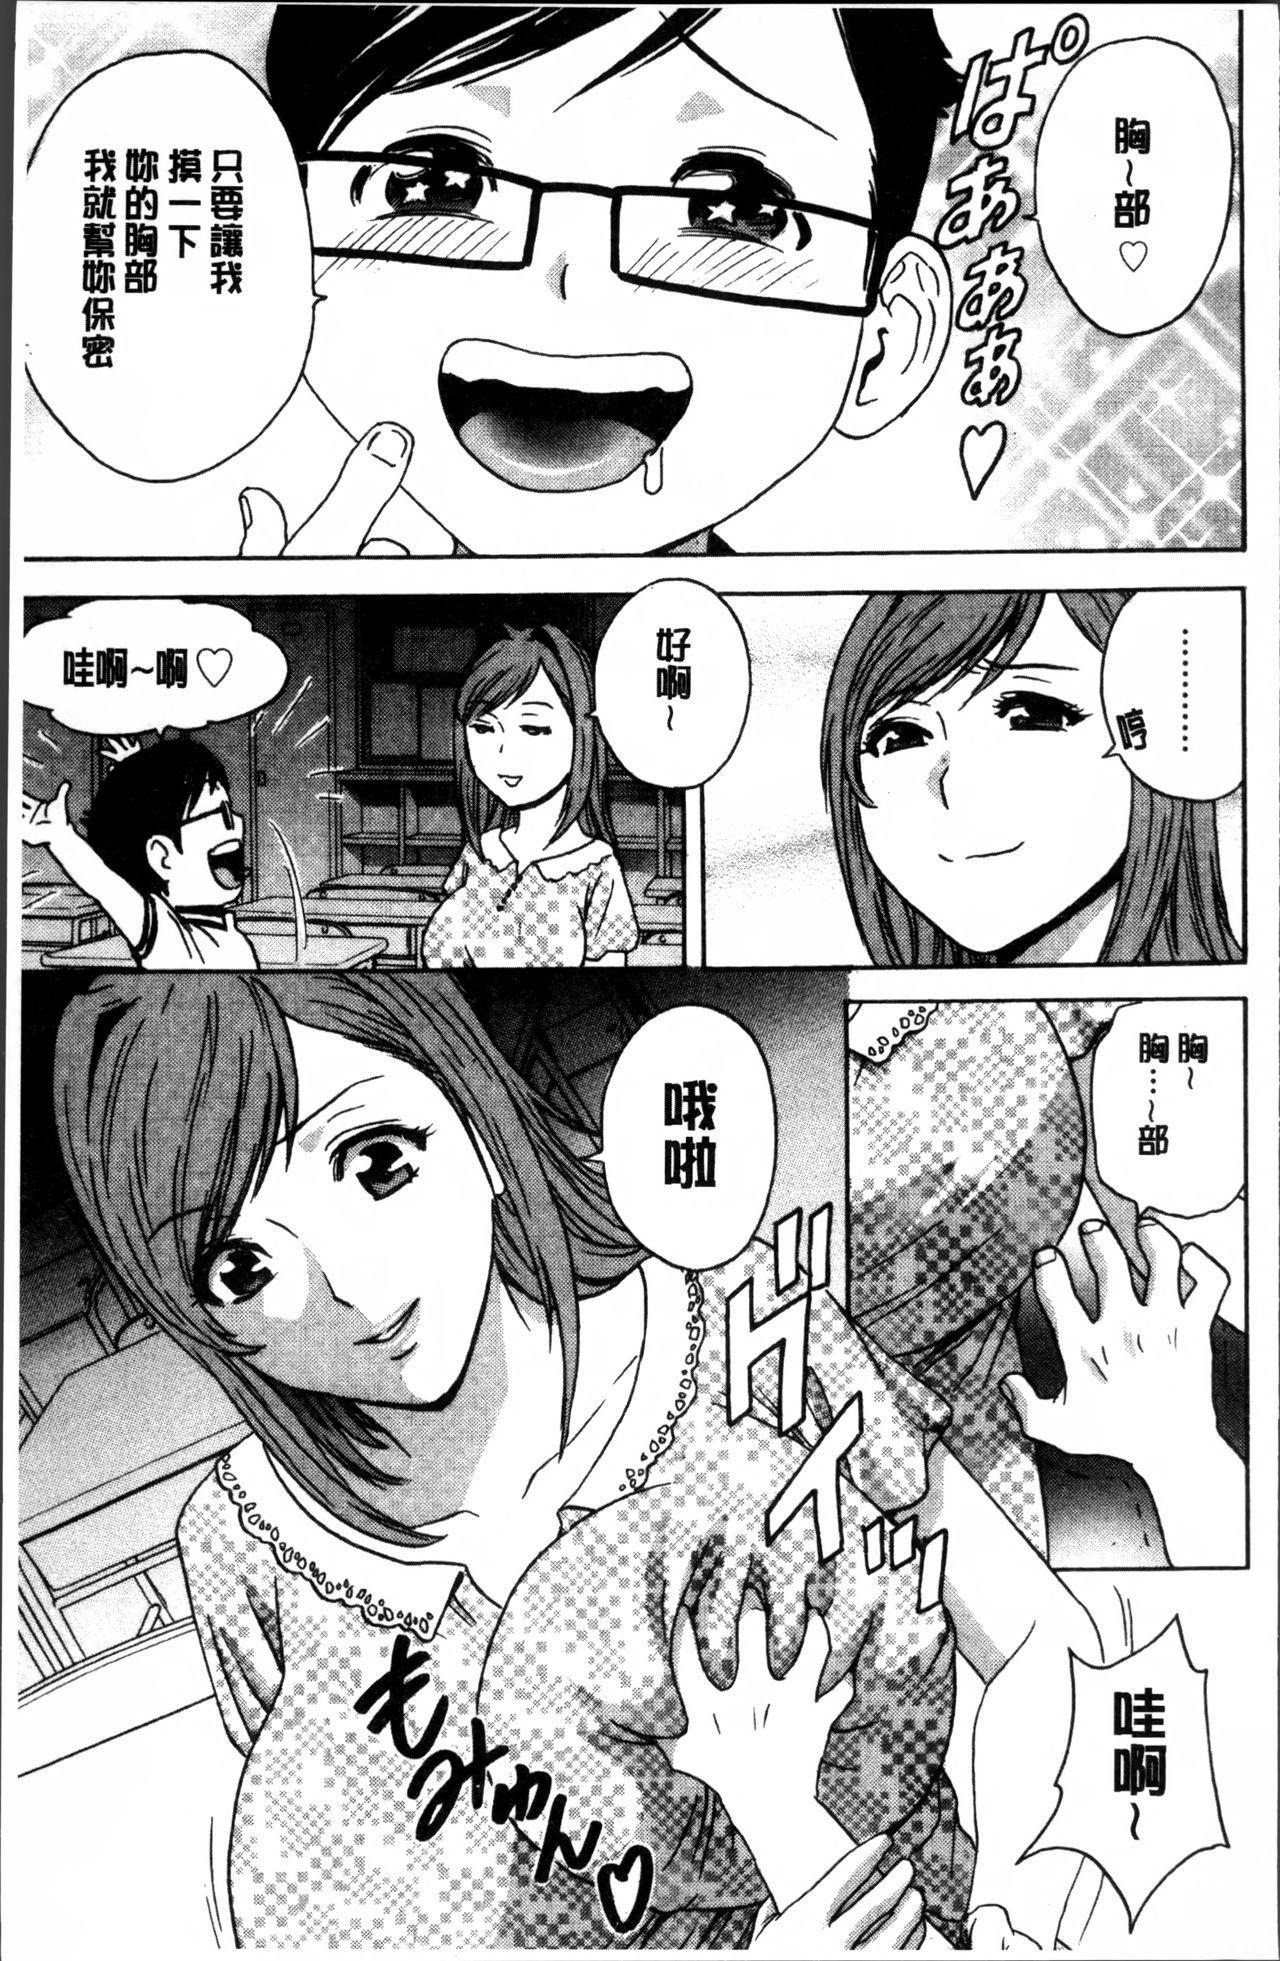 Ryoujyoku!! Urechichi Paradise 160